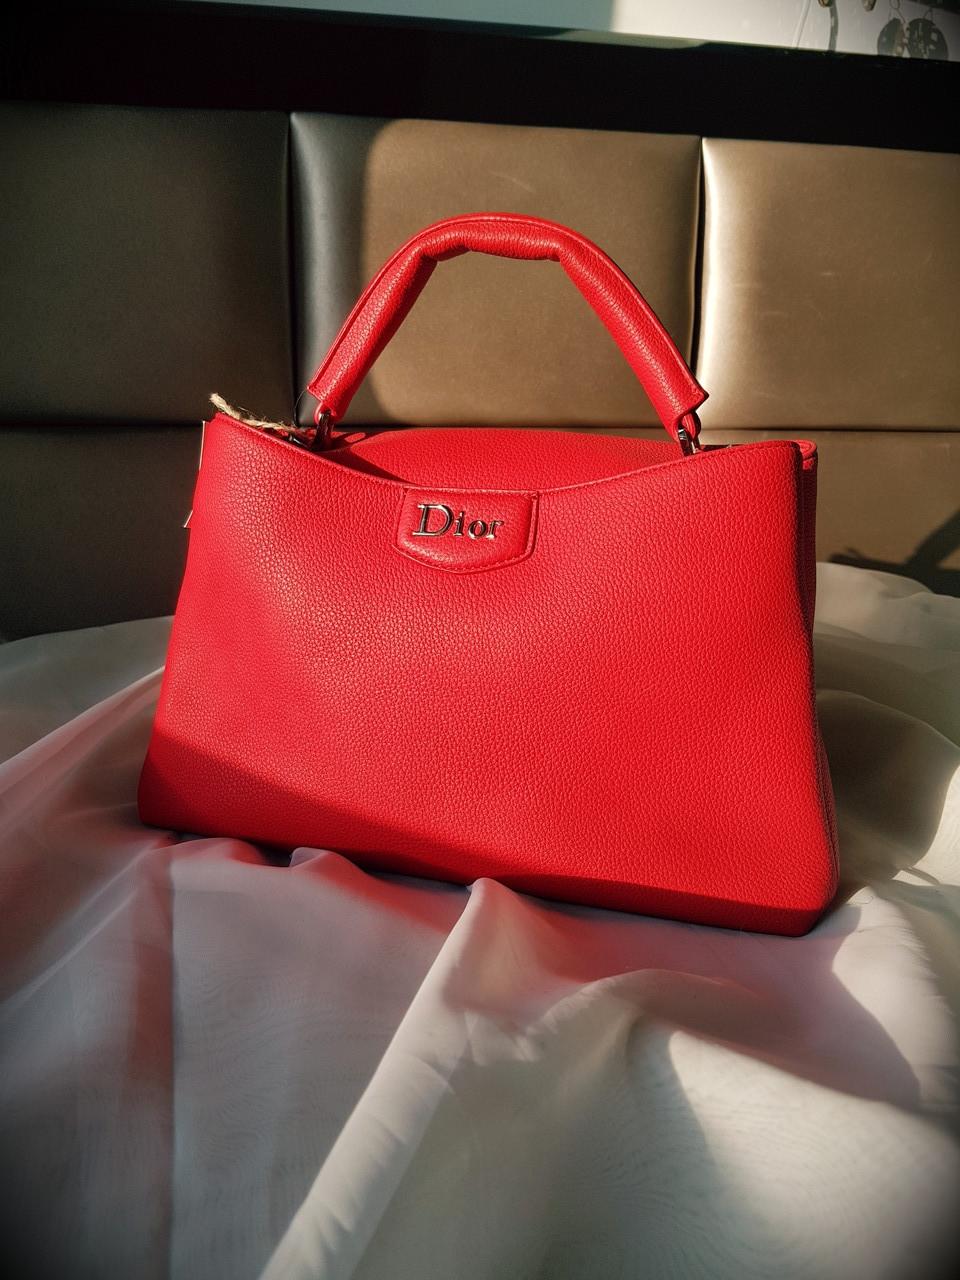 0d3a8a12ac1b Женская сумка Dior натуральная кожа красная - VOG Brand Shop / Изыскание  кожаные сумки, Брендовые